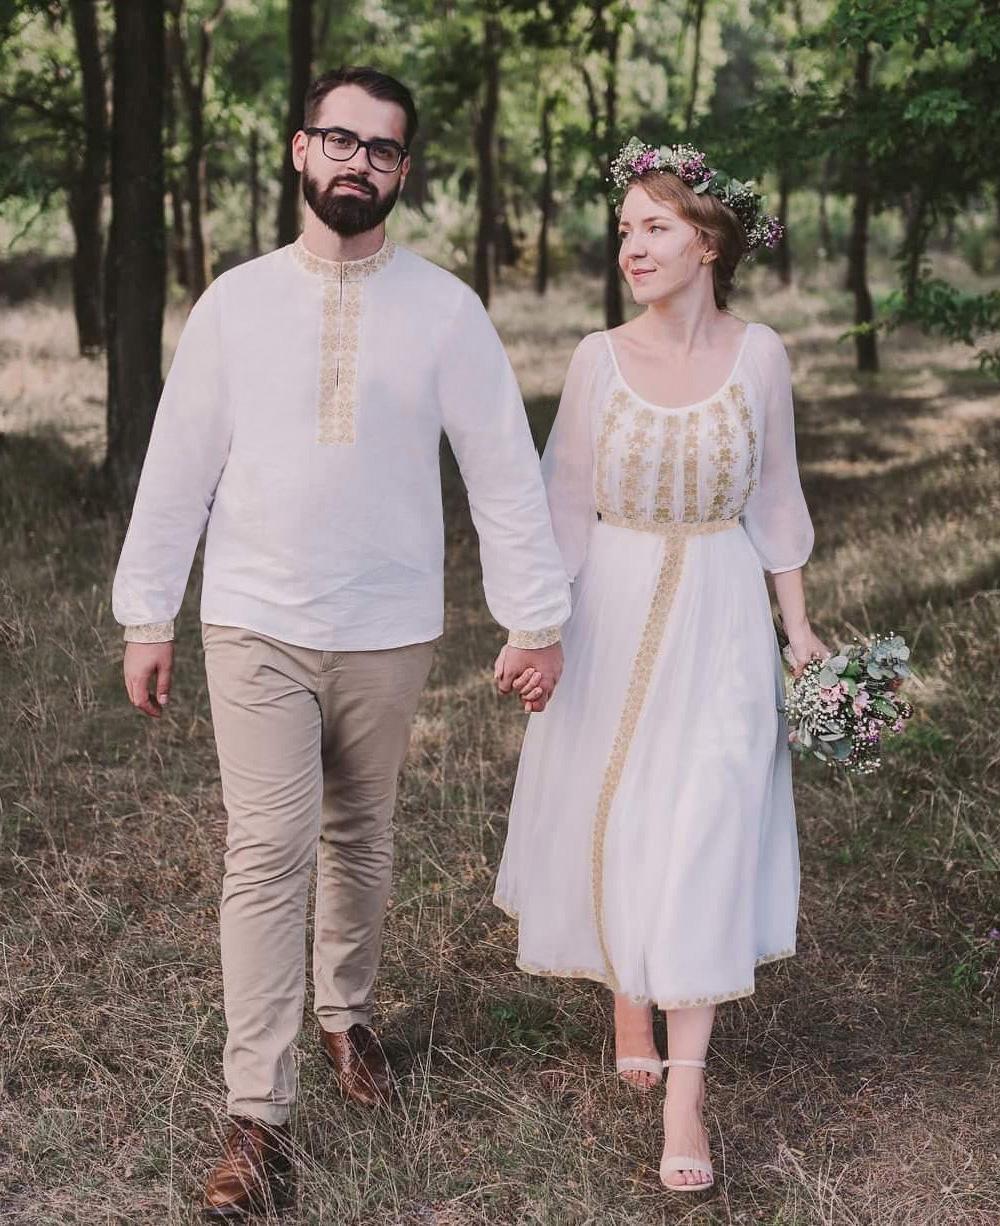 Nunta Tradiţionala Romaneasca Wwwdemetriaro